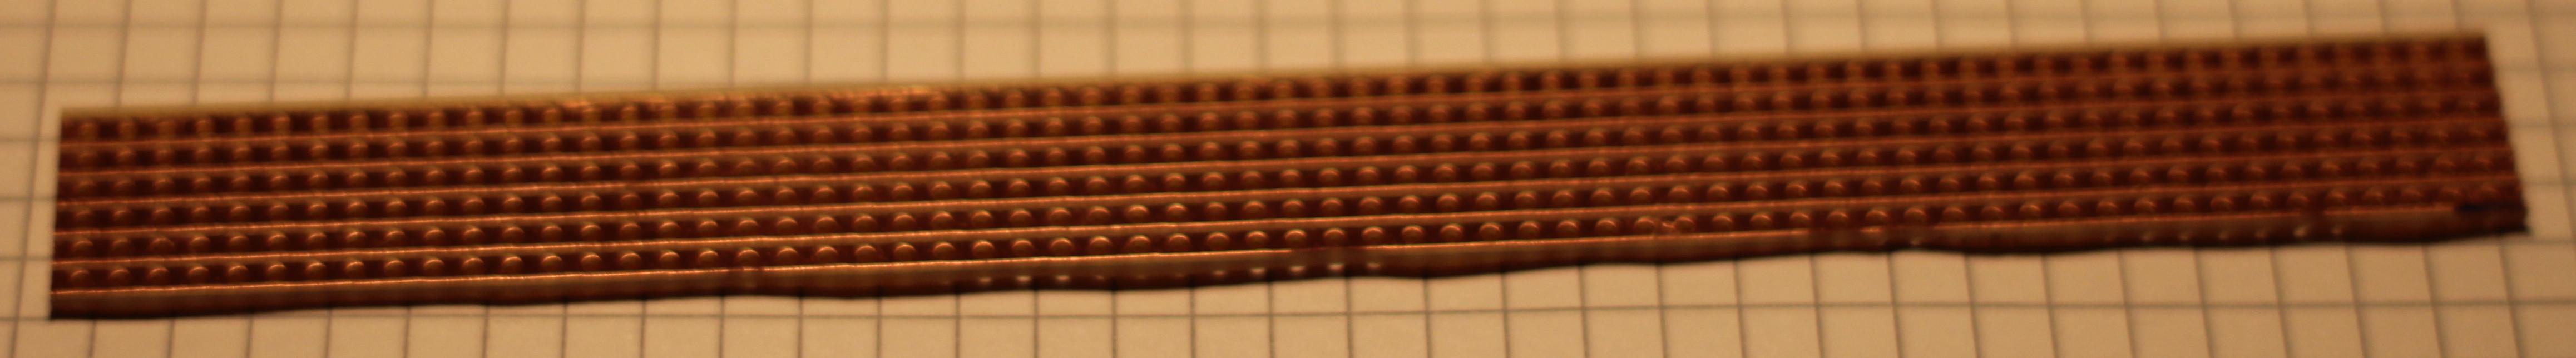 6 Streifen von Europaformat Streifenrasterplatine abgesägt